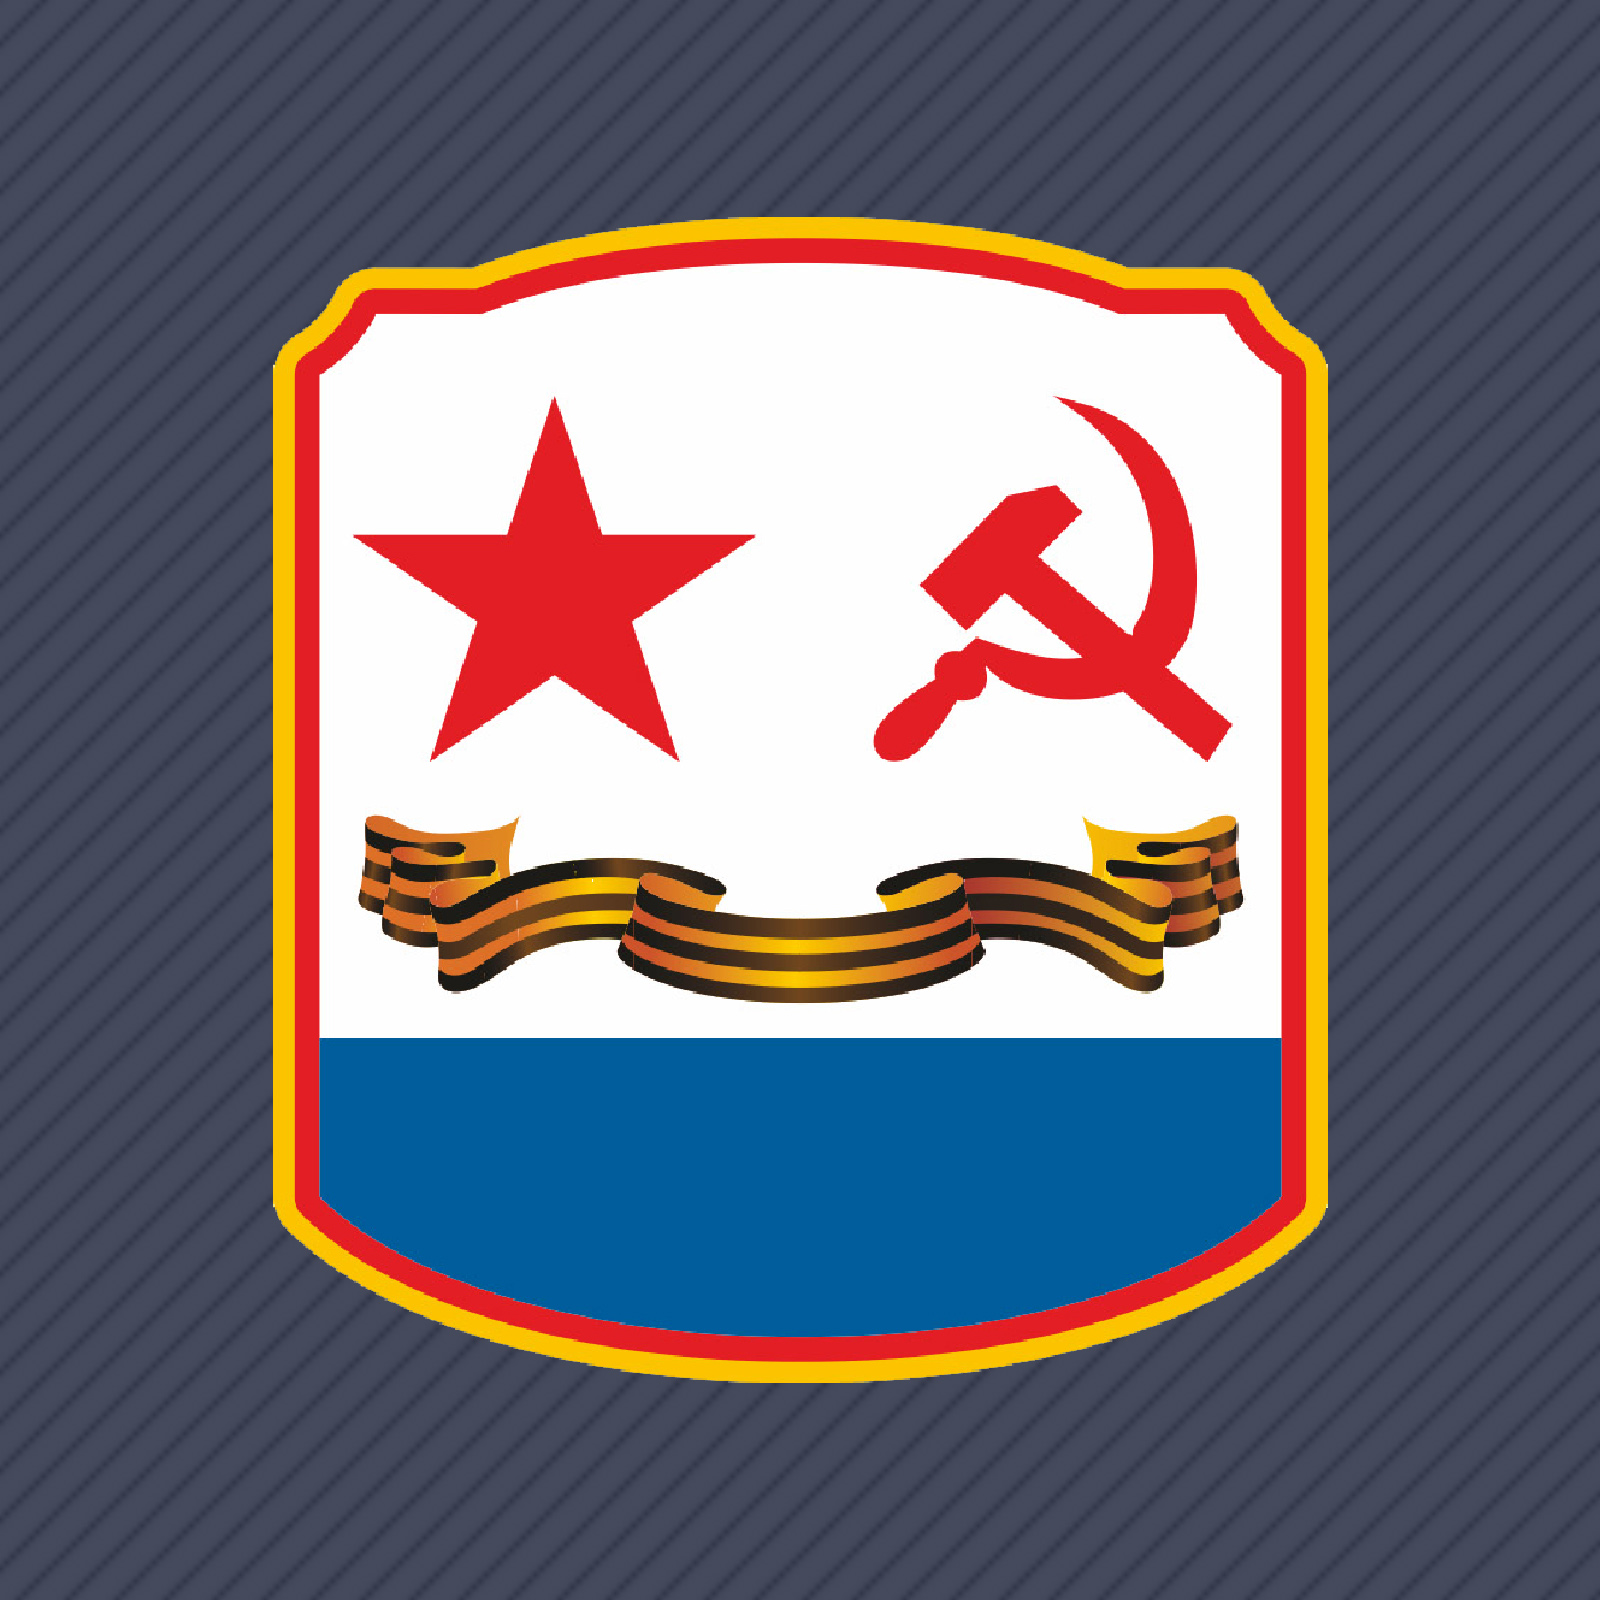 Тёмно-синяя бейсболка ВМФ СССР